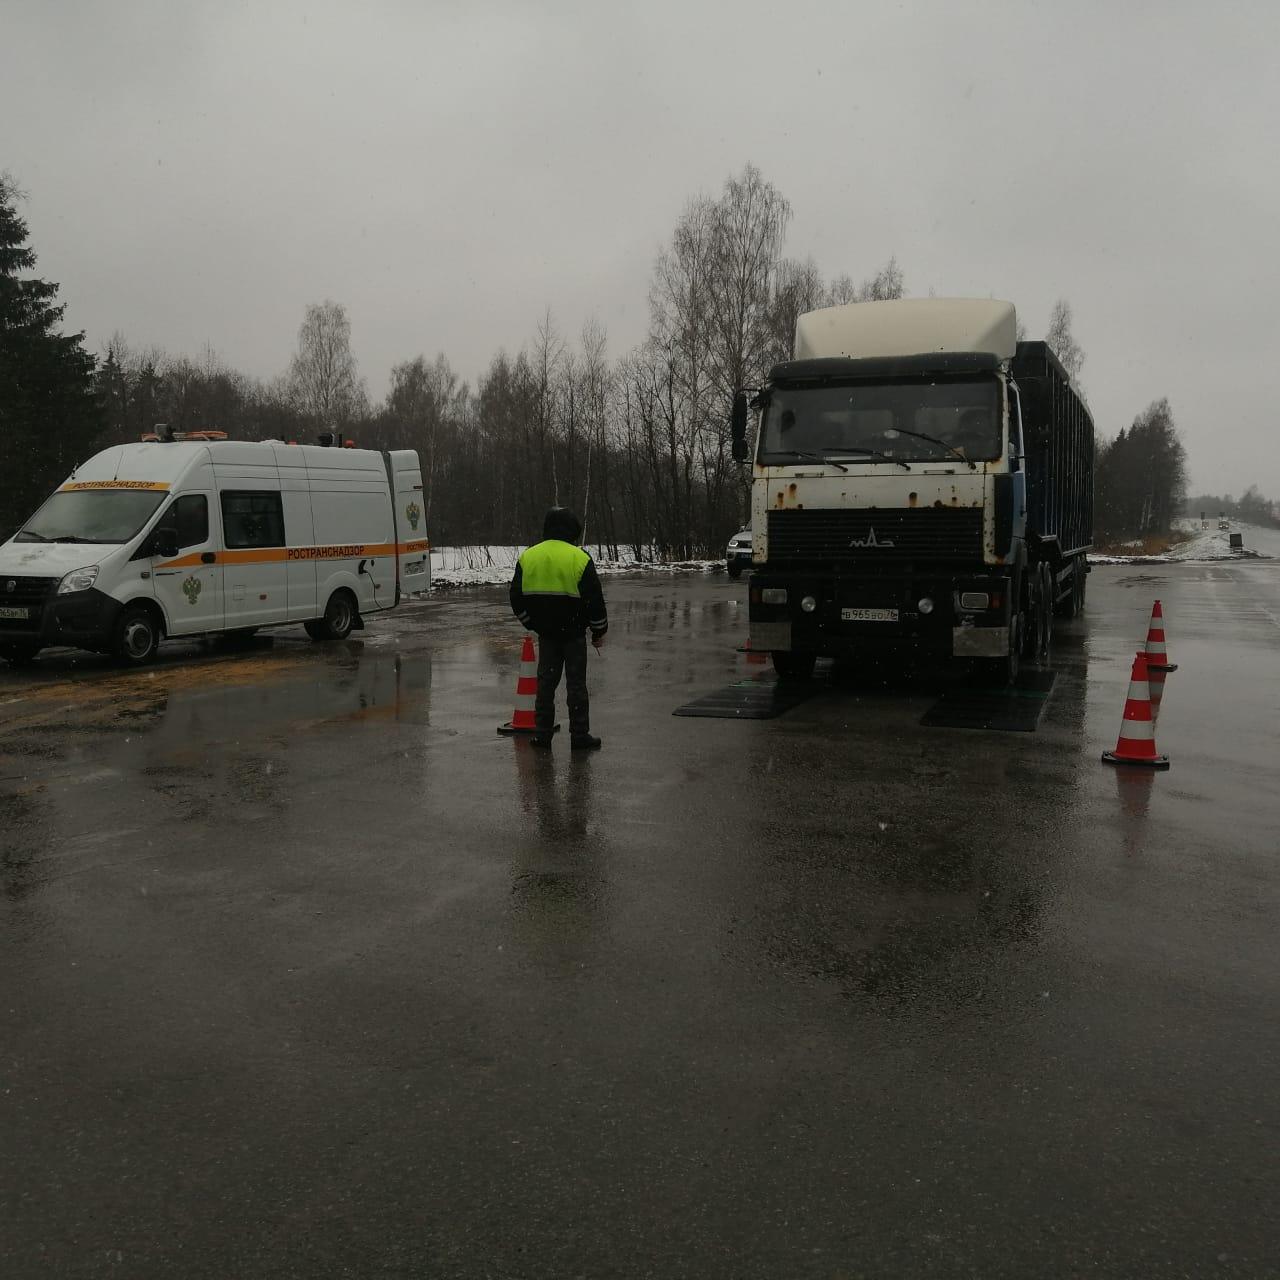 Передвижной пункт весового контроля будет работать на дорогах Ярославской области до 10 мая